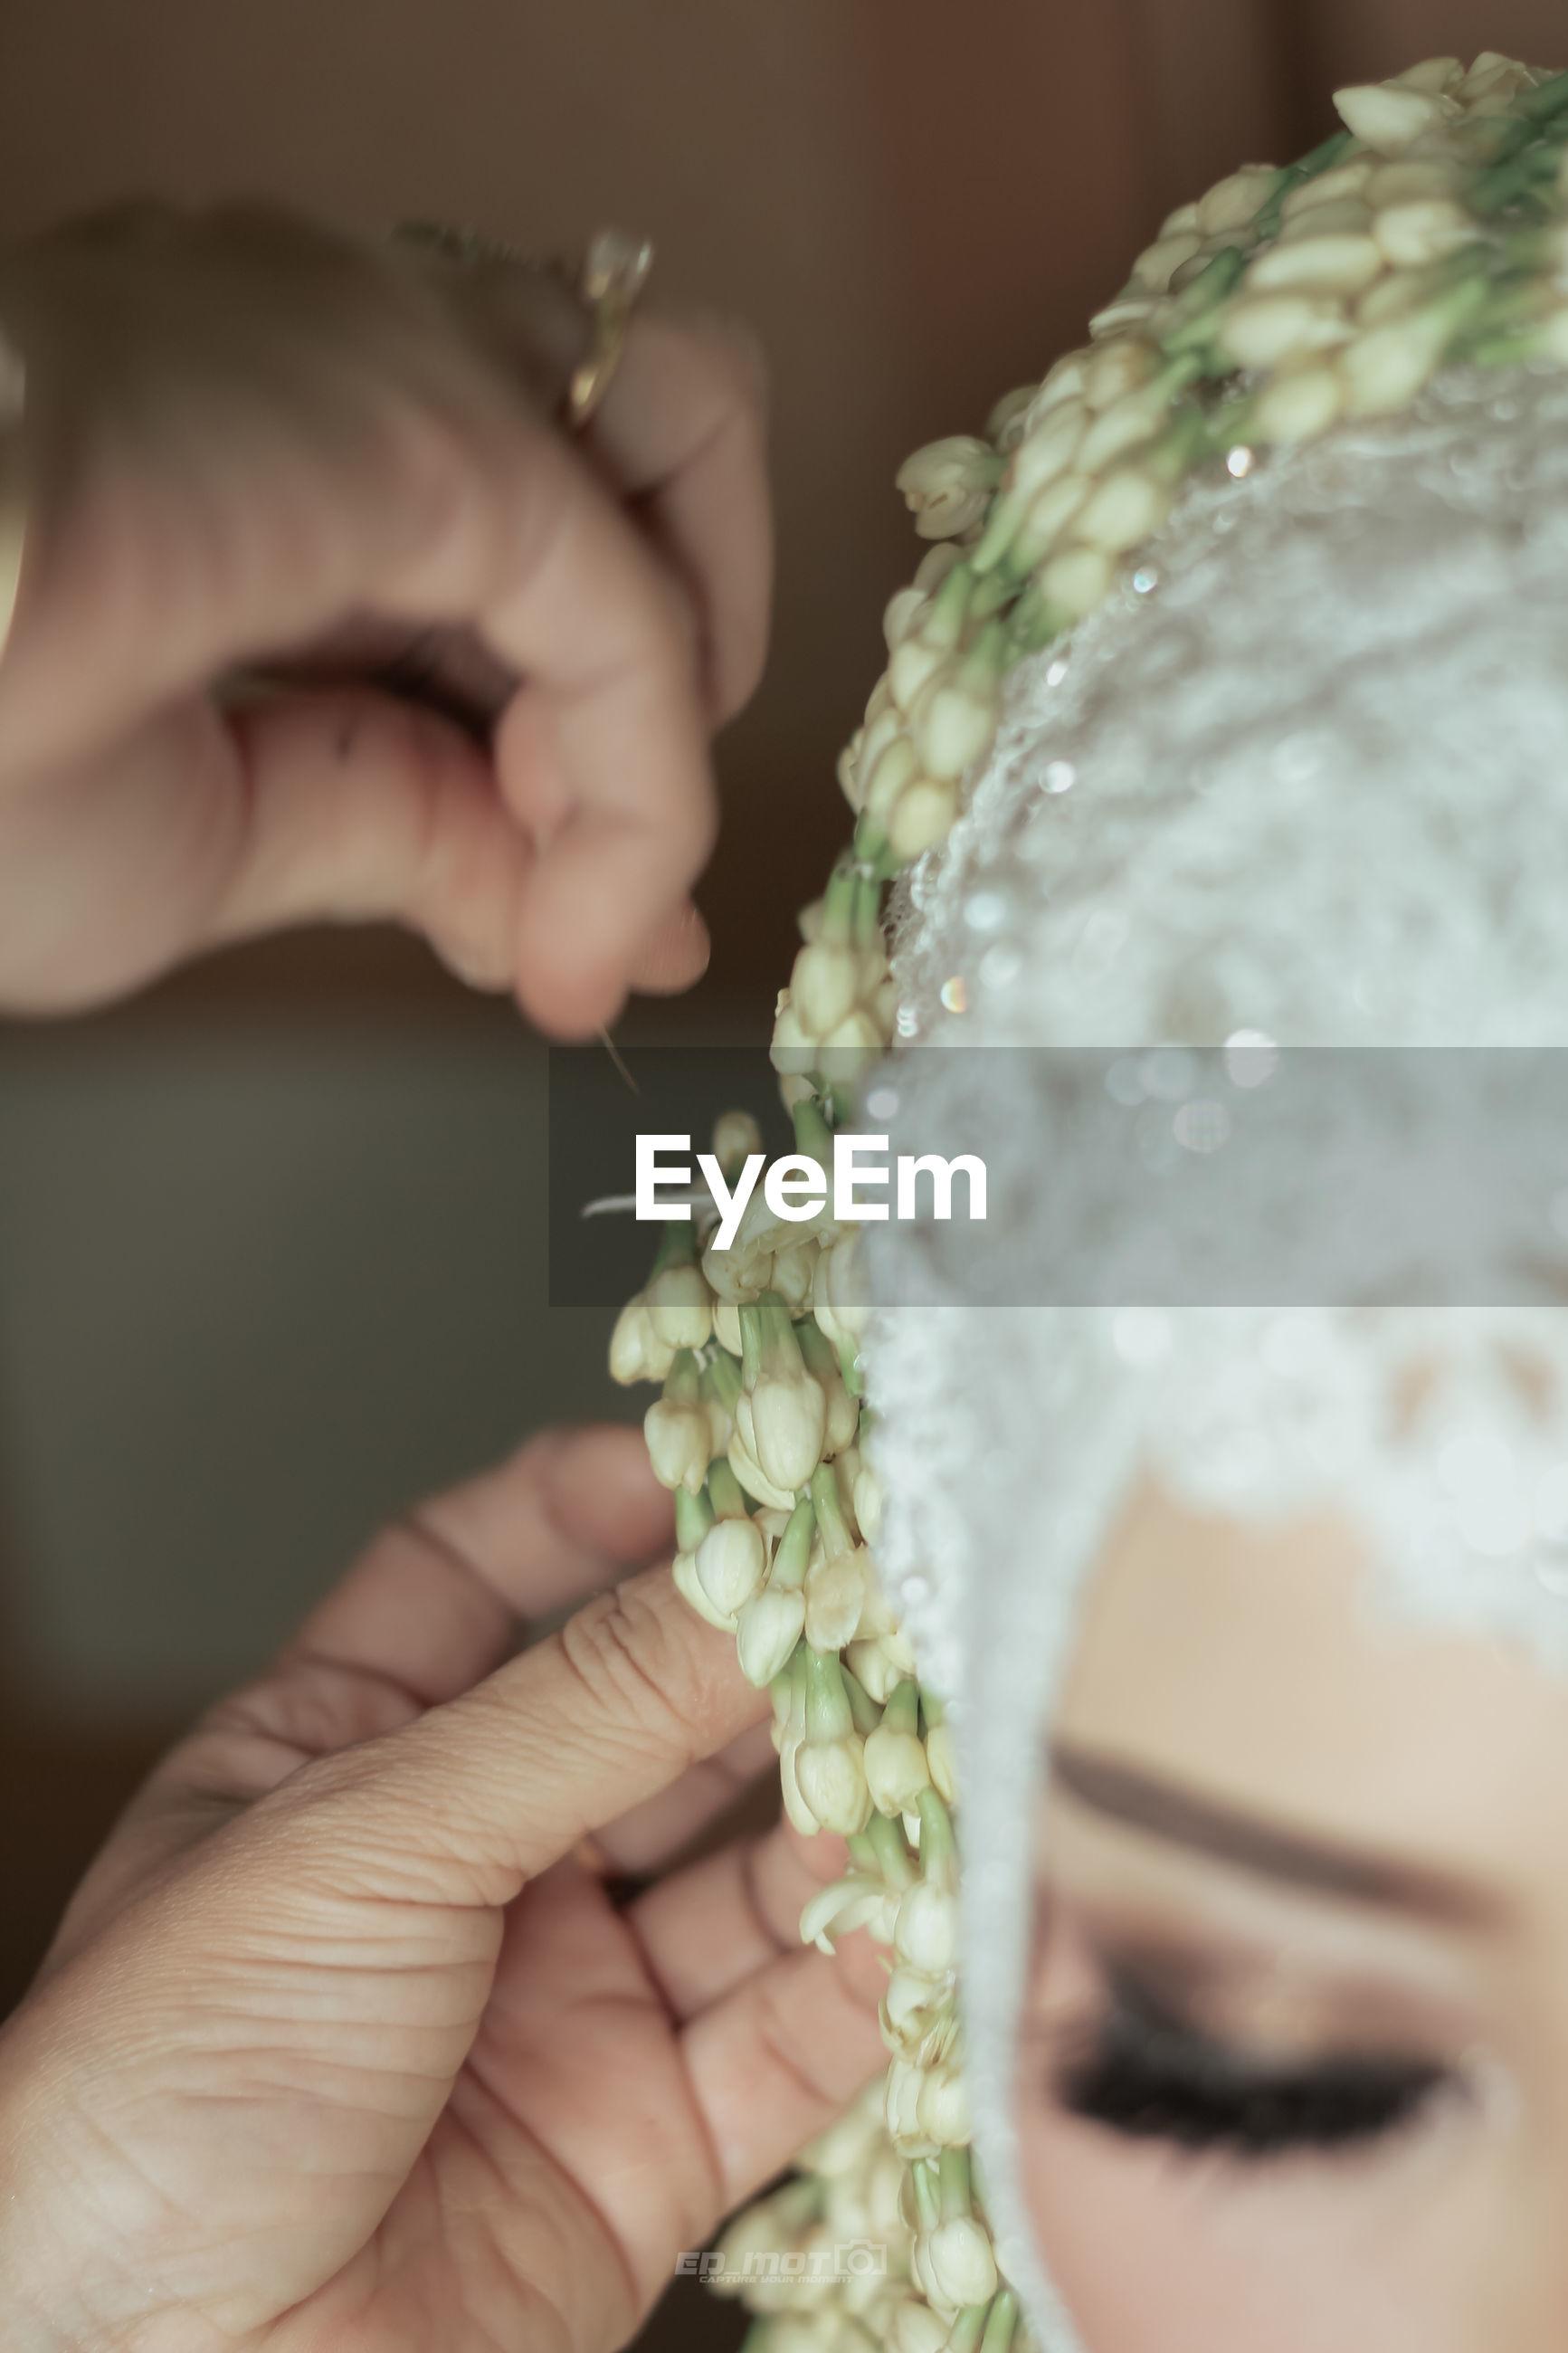 Cropped hands adjusting flowers in bride head